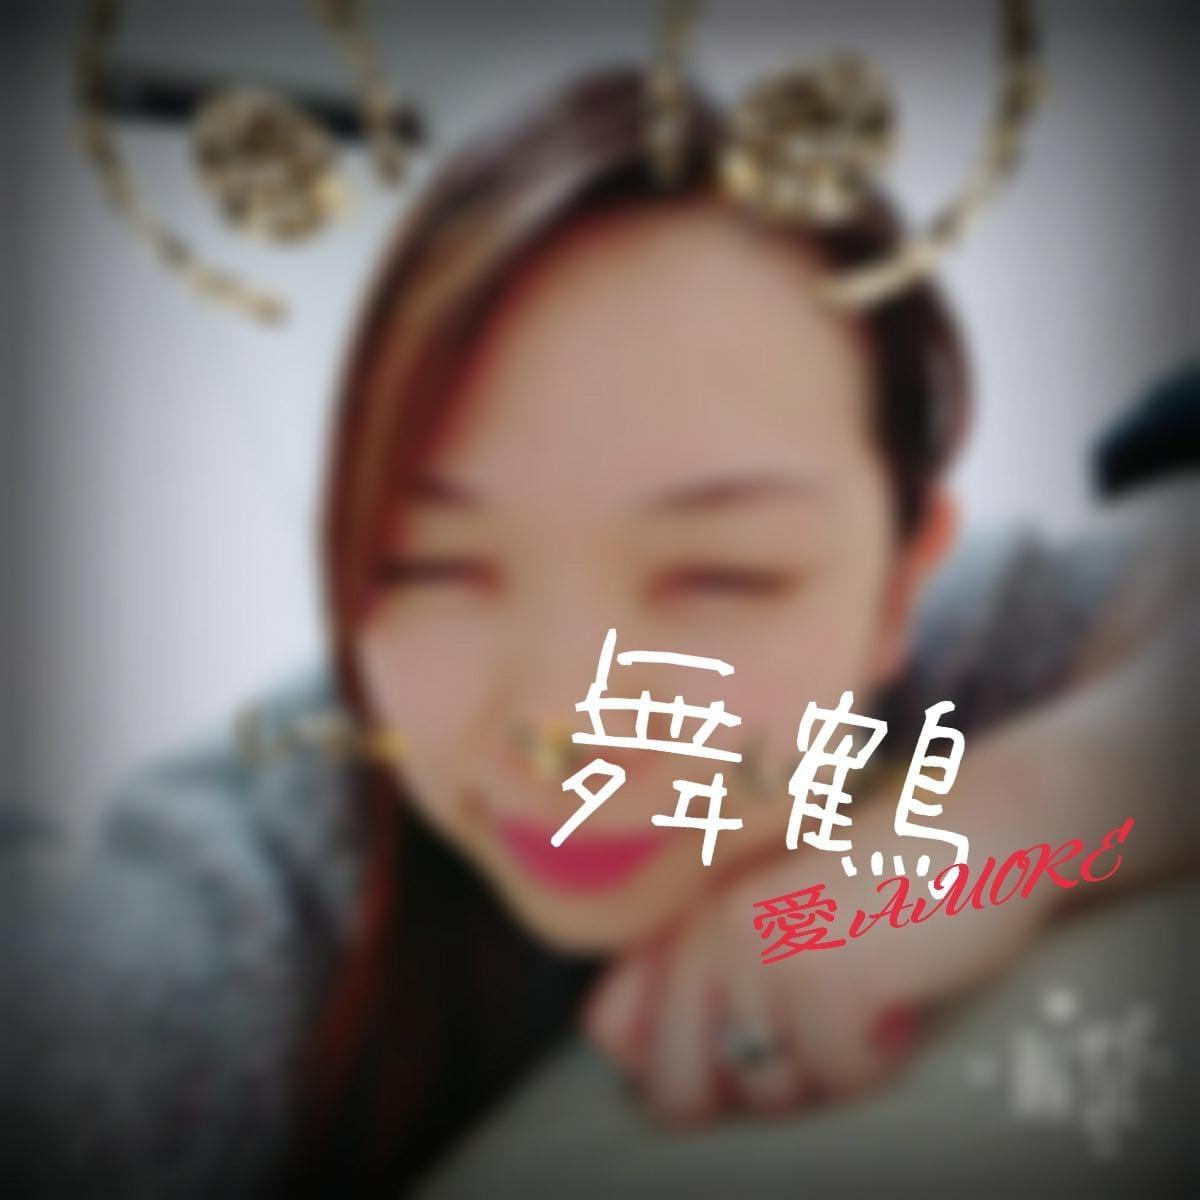 「#正解者さん#すごい!!」10/17(水) 02:32 | 舞鶴の写メ・風俗動画